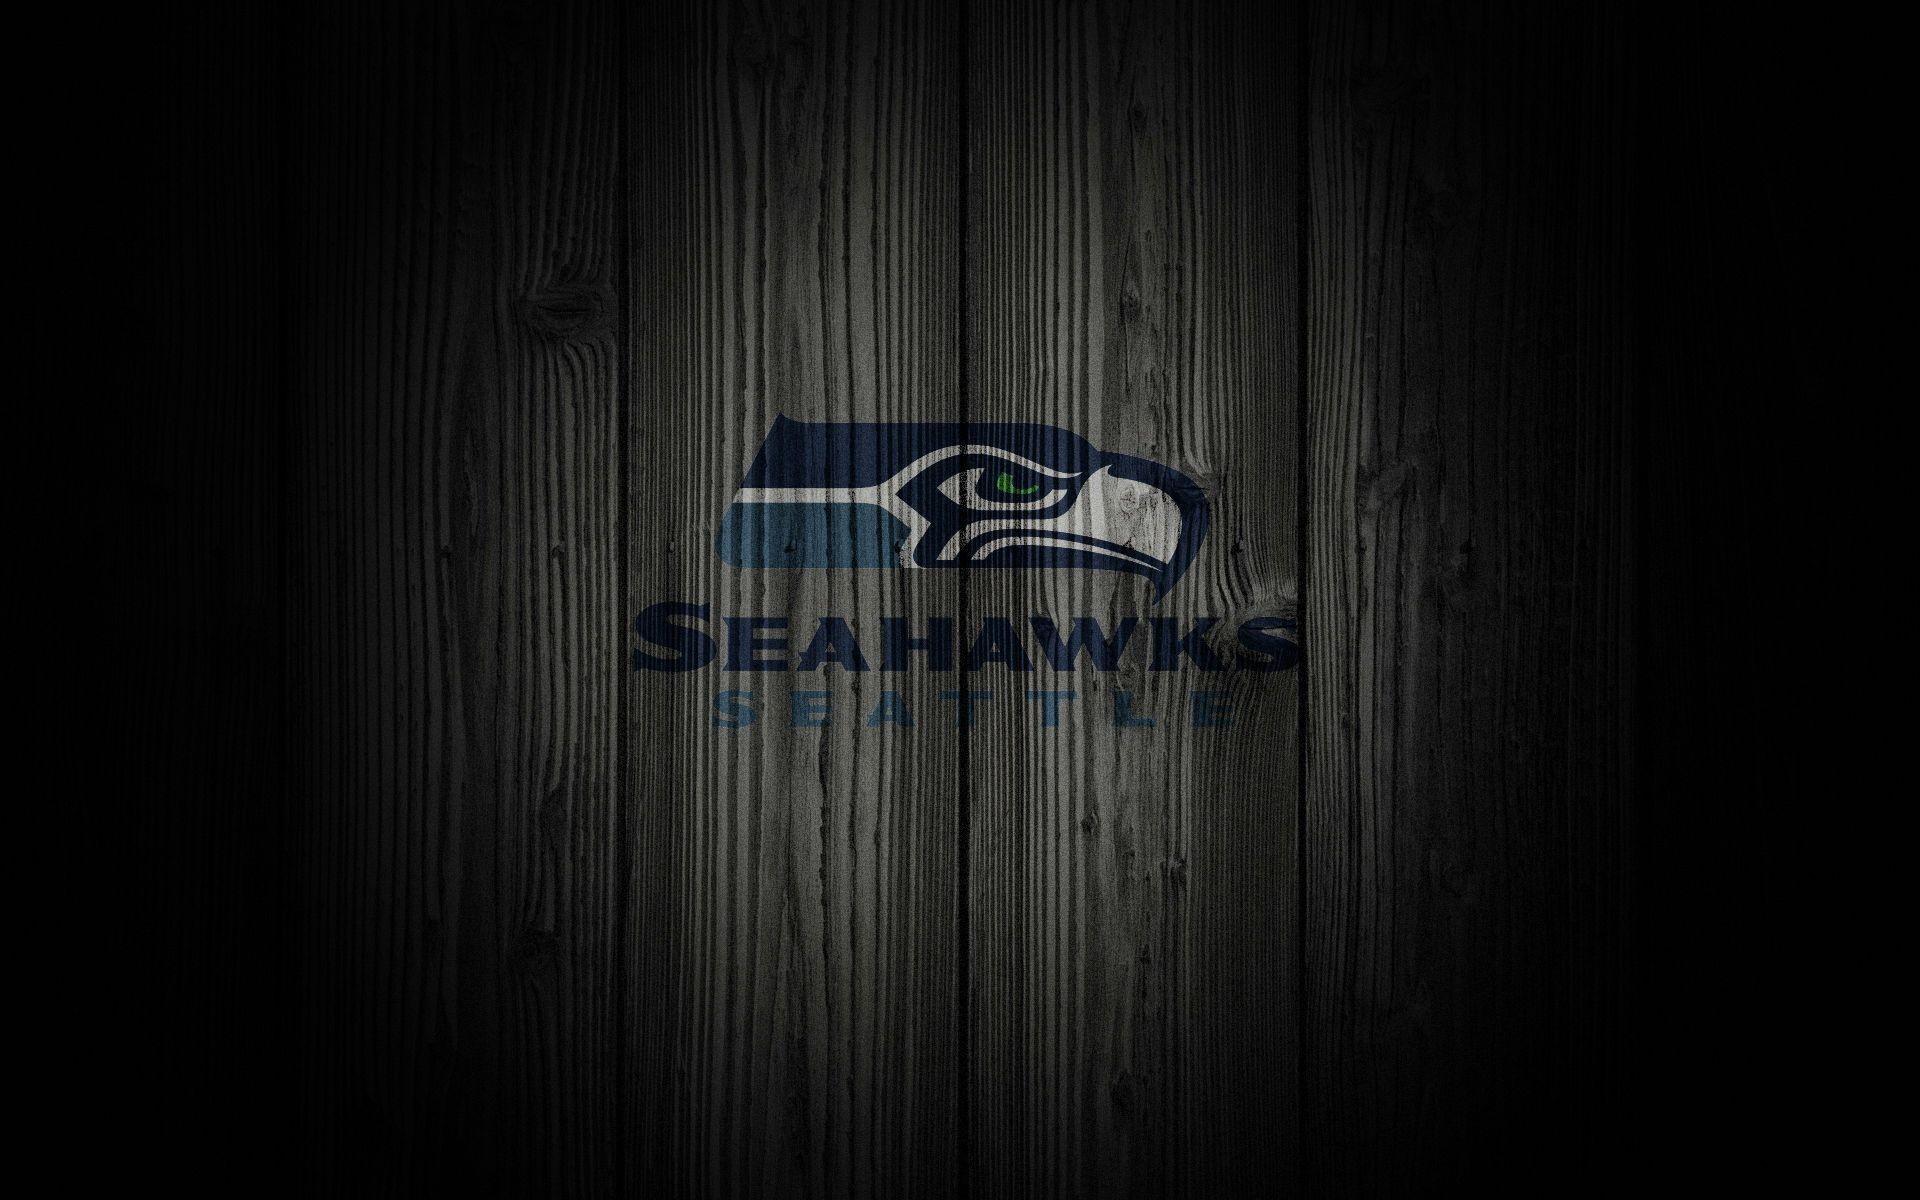 1920x1200 Seattle Seahawk Wallpapers HD